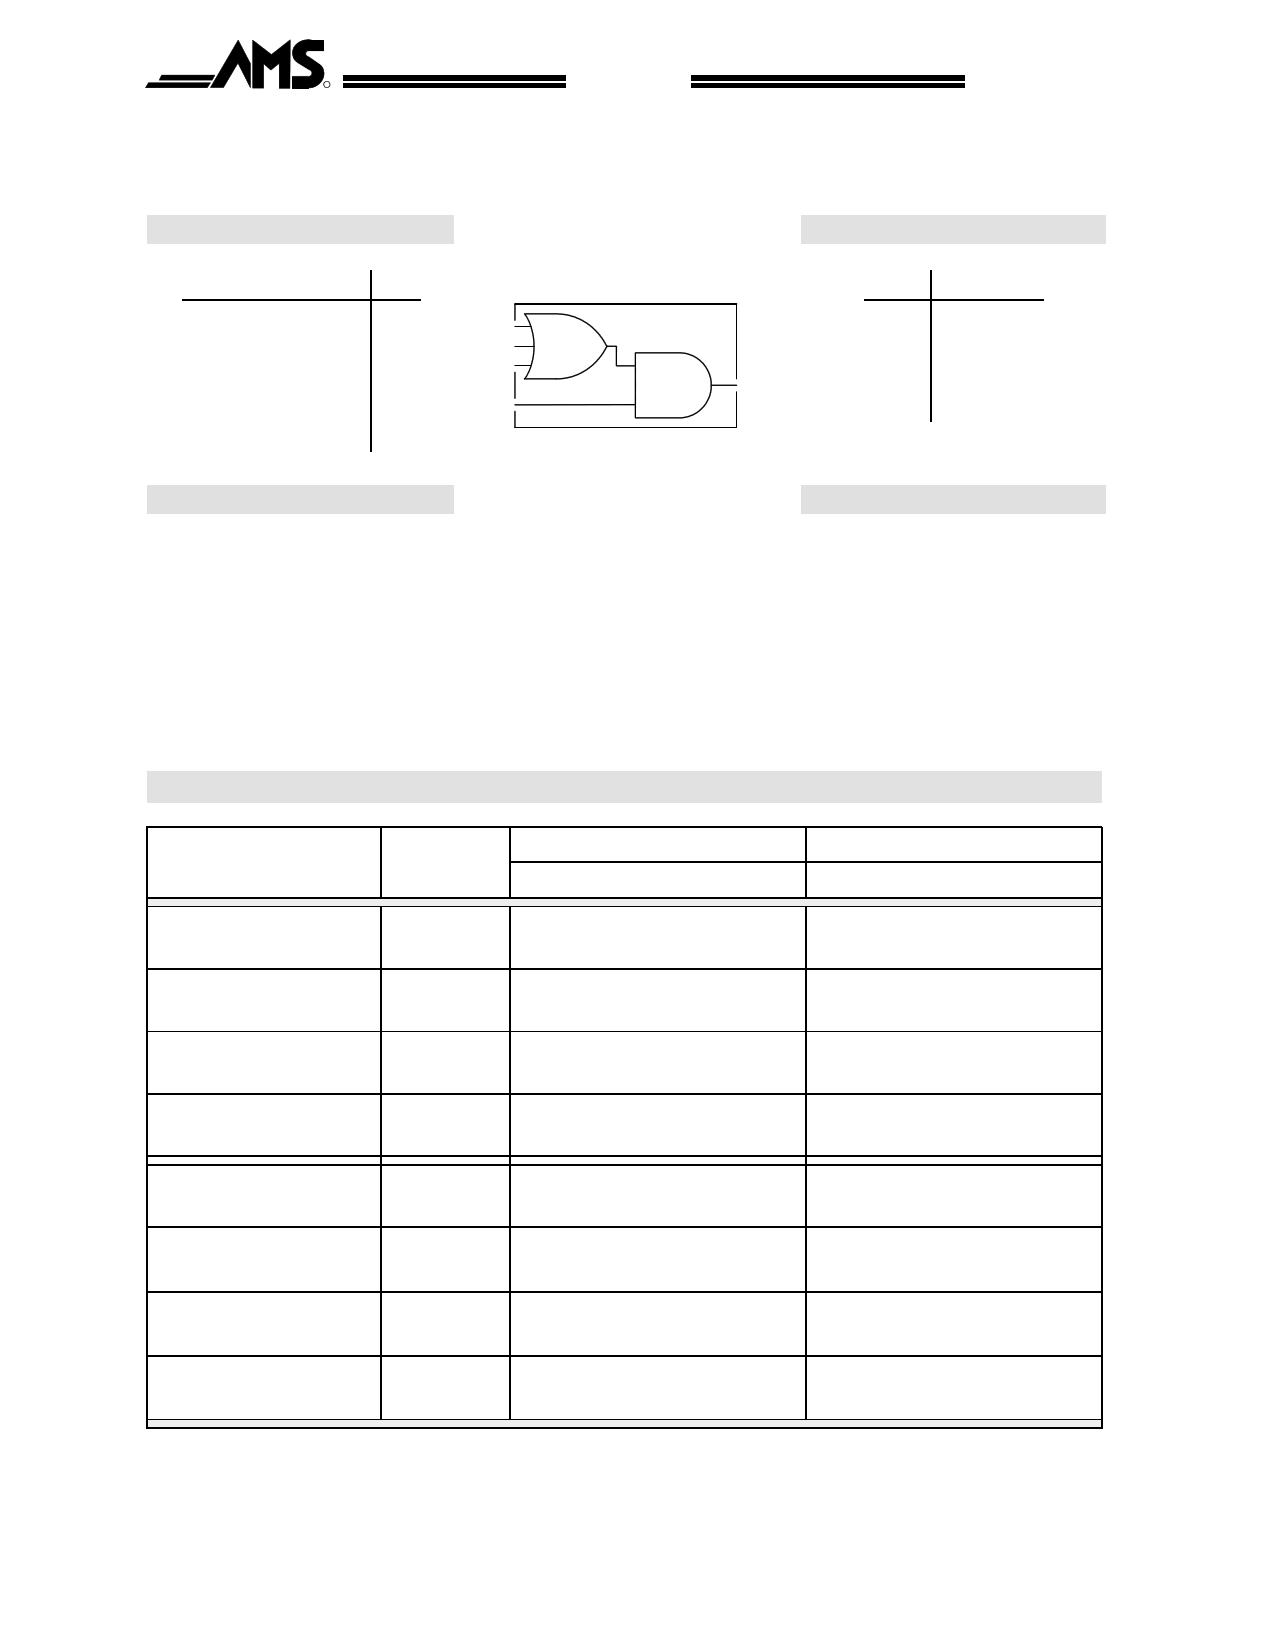 OA31 datasheet